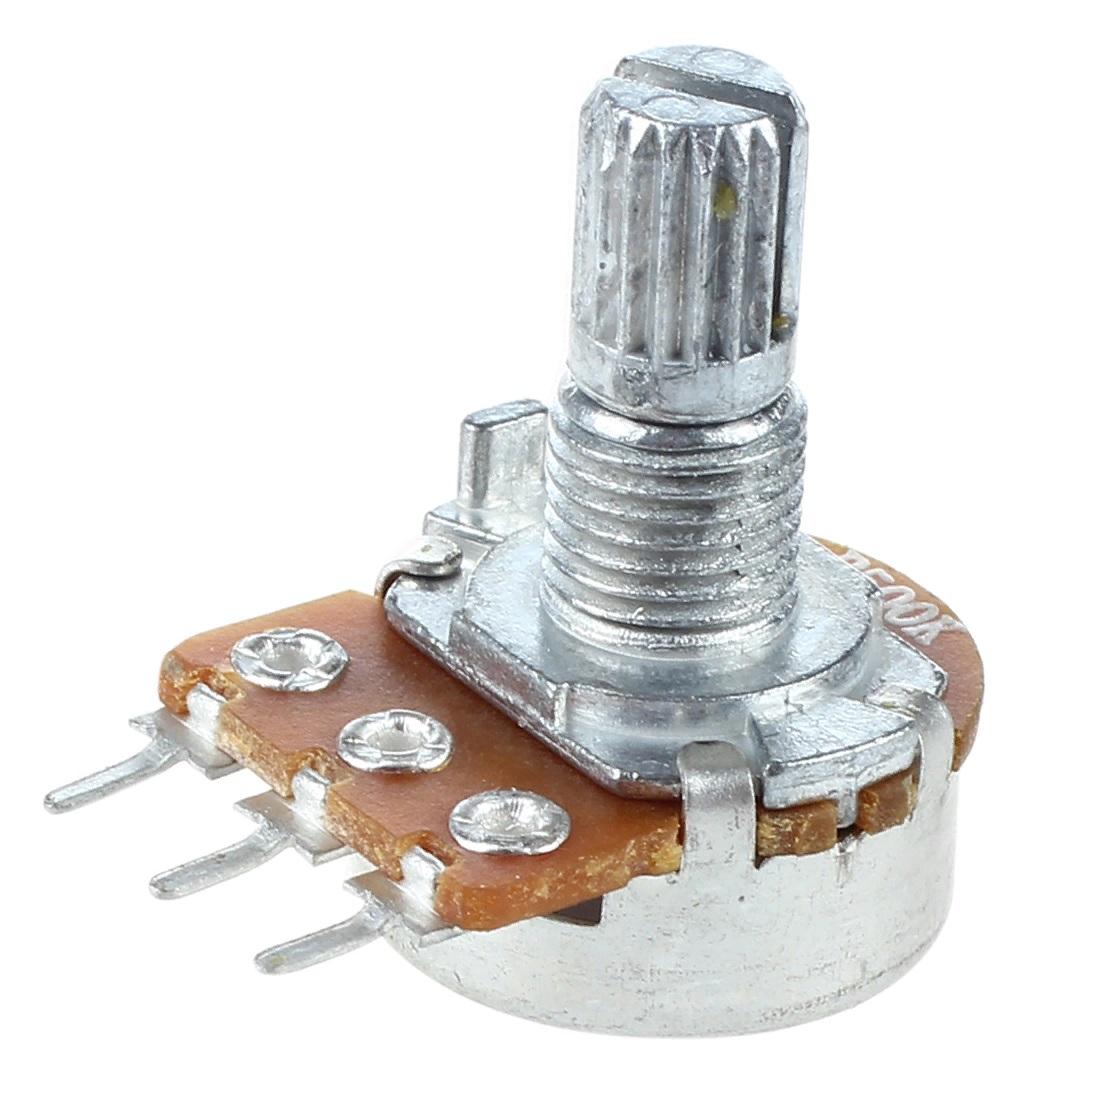 Переменный резистор 500K (504) 15мм B500K WH148